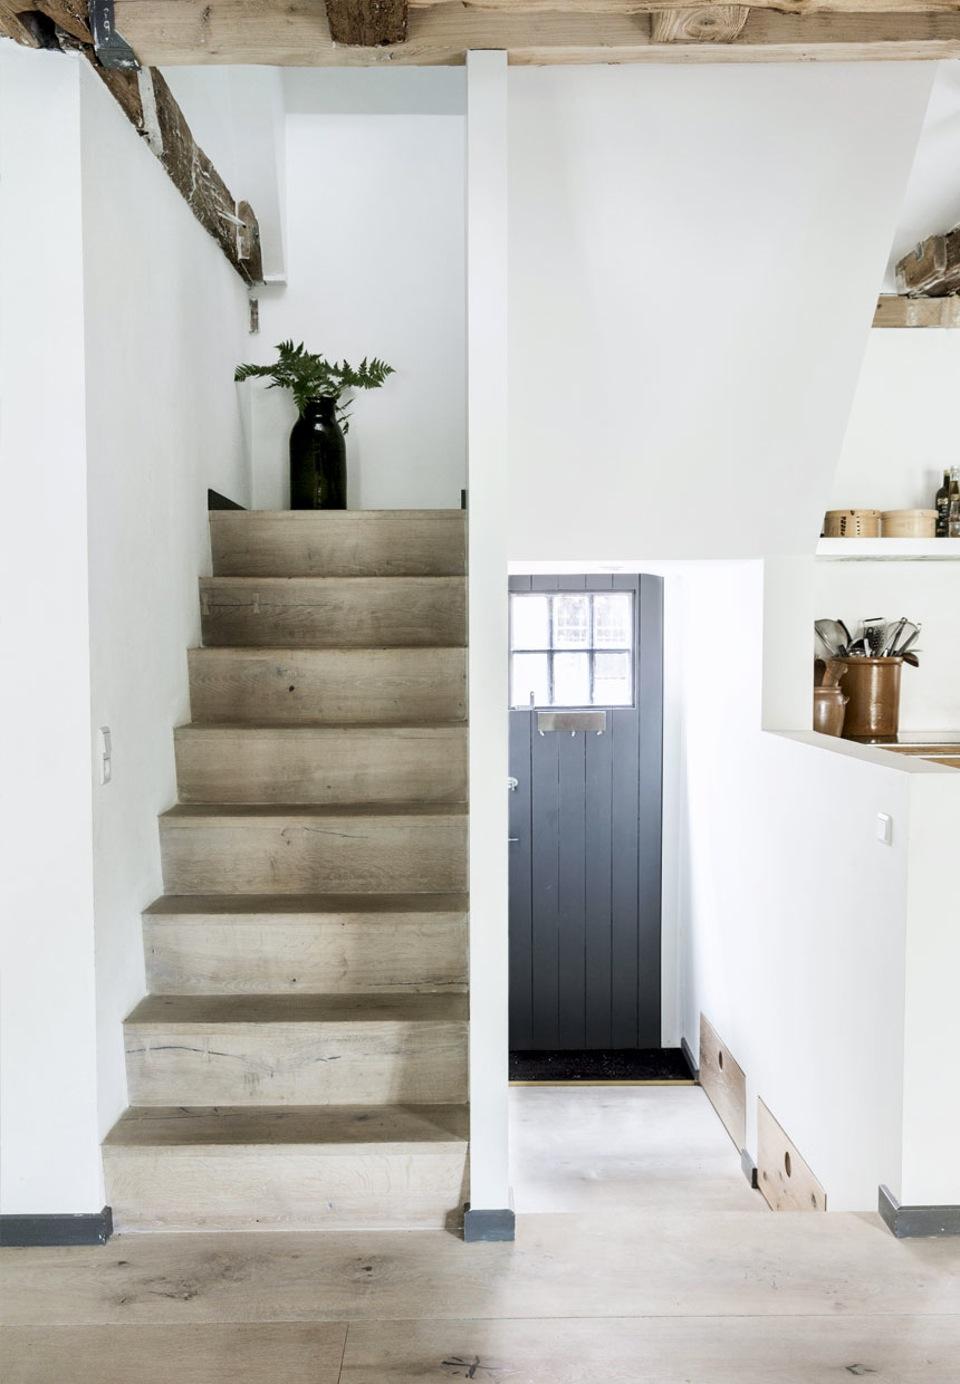 Déco Rustique moderne : L'intérieur de René Redzepi et family à Christianshavn (Copenhague)